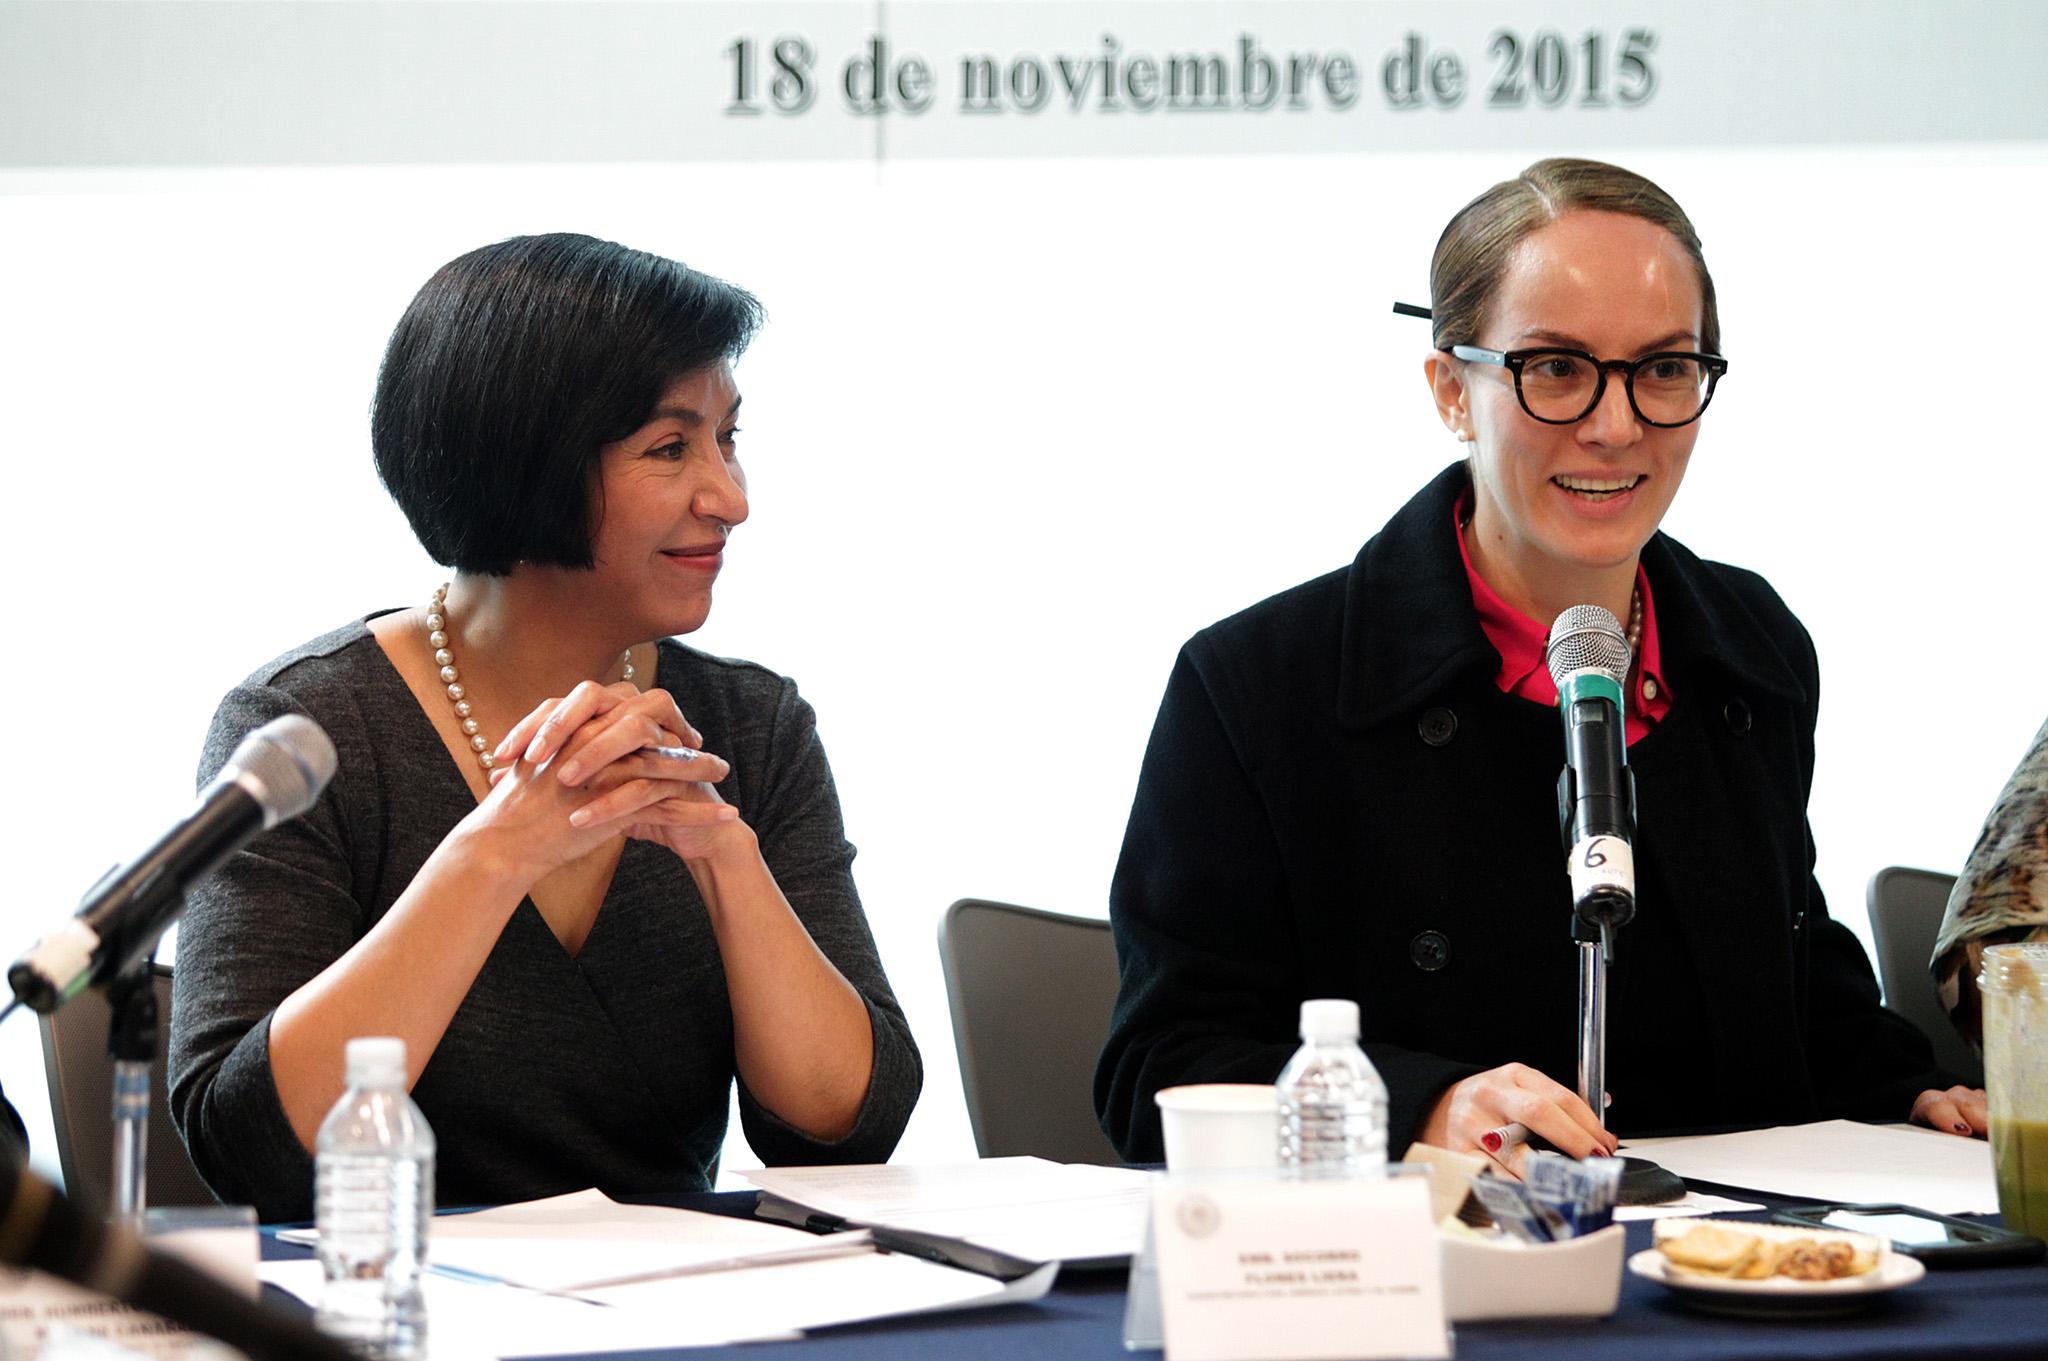 FOTO 1 Subsecretaria para Am rica Latina y el Caribe  Embajadora Socorro Flores Liera  compareci  ante las Comisiones Unidas de Relaciones Exteriores del Senadojpg